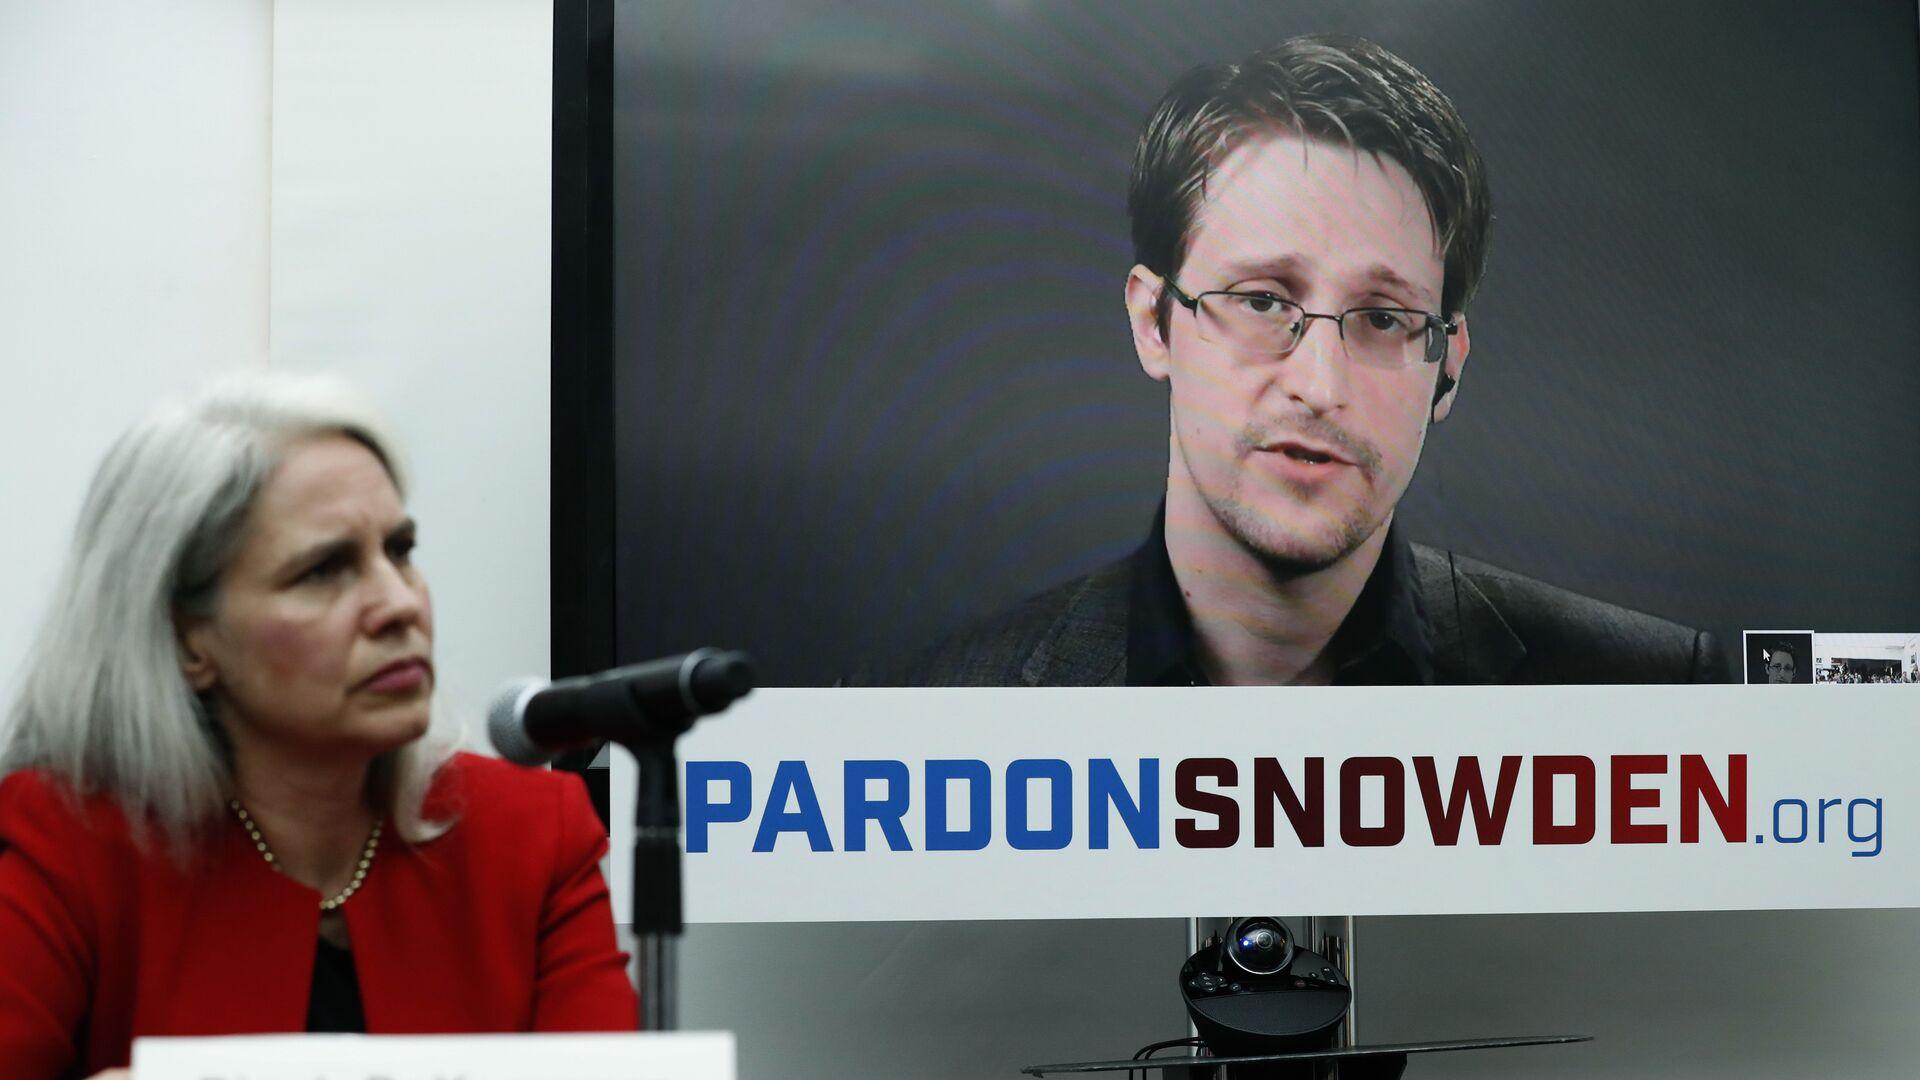 Экс-сотрудник американских спецслужб Эдвард Сноуден во время интерактивной видеоконференции. 14 сентября 2016 - РИА Новости, 1920, 30.09.2020